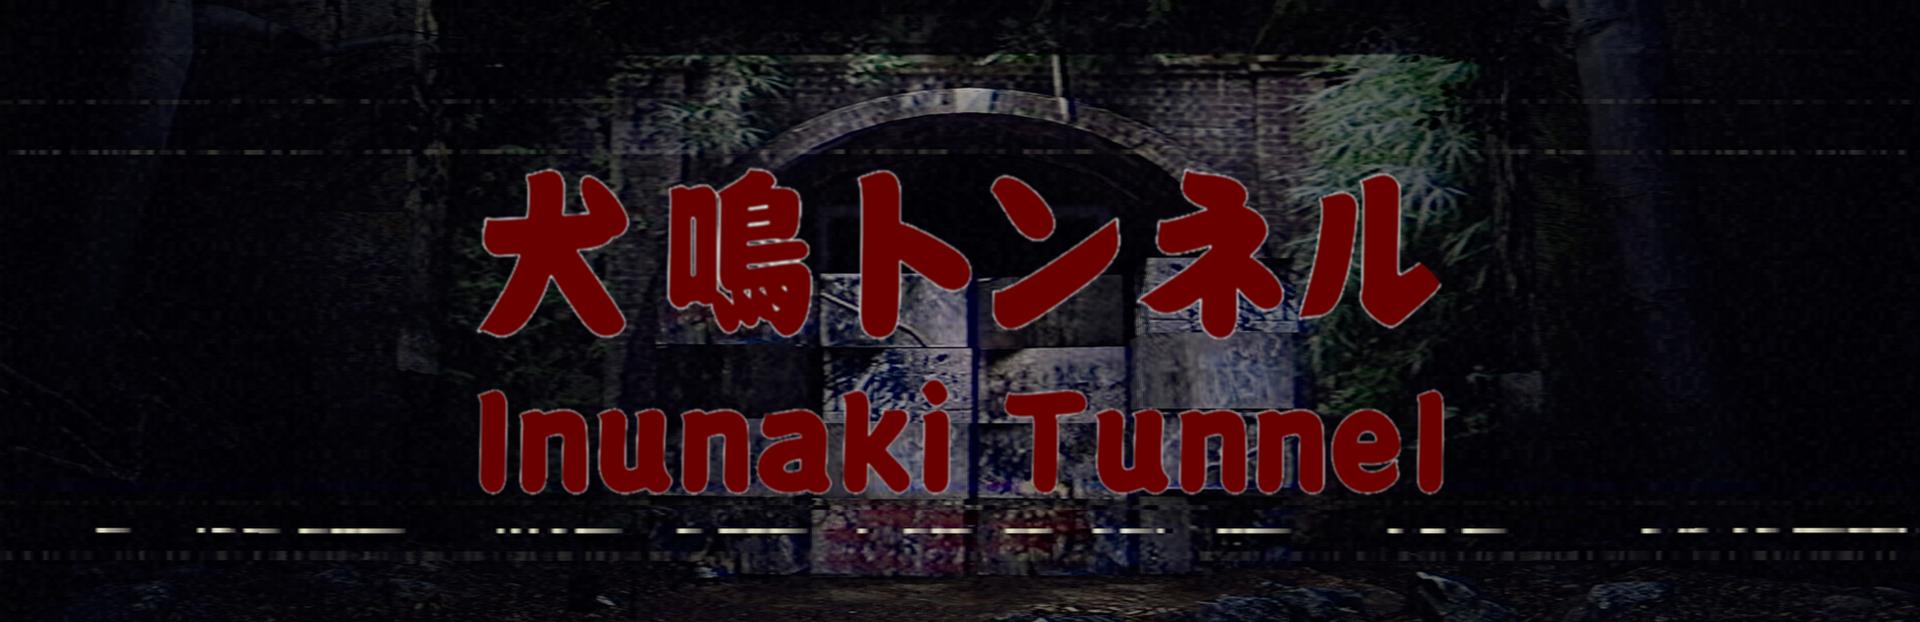 Inunaki Tunnel   犬鳴トンネル